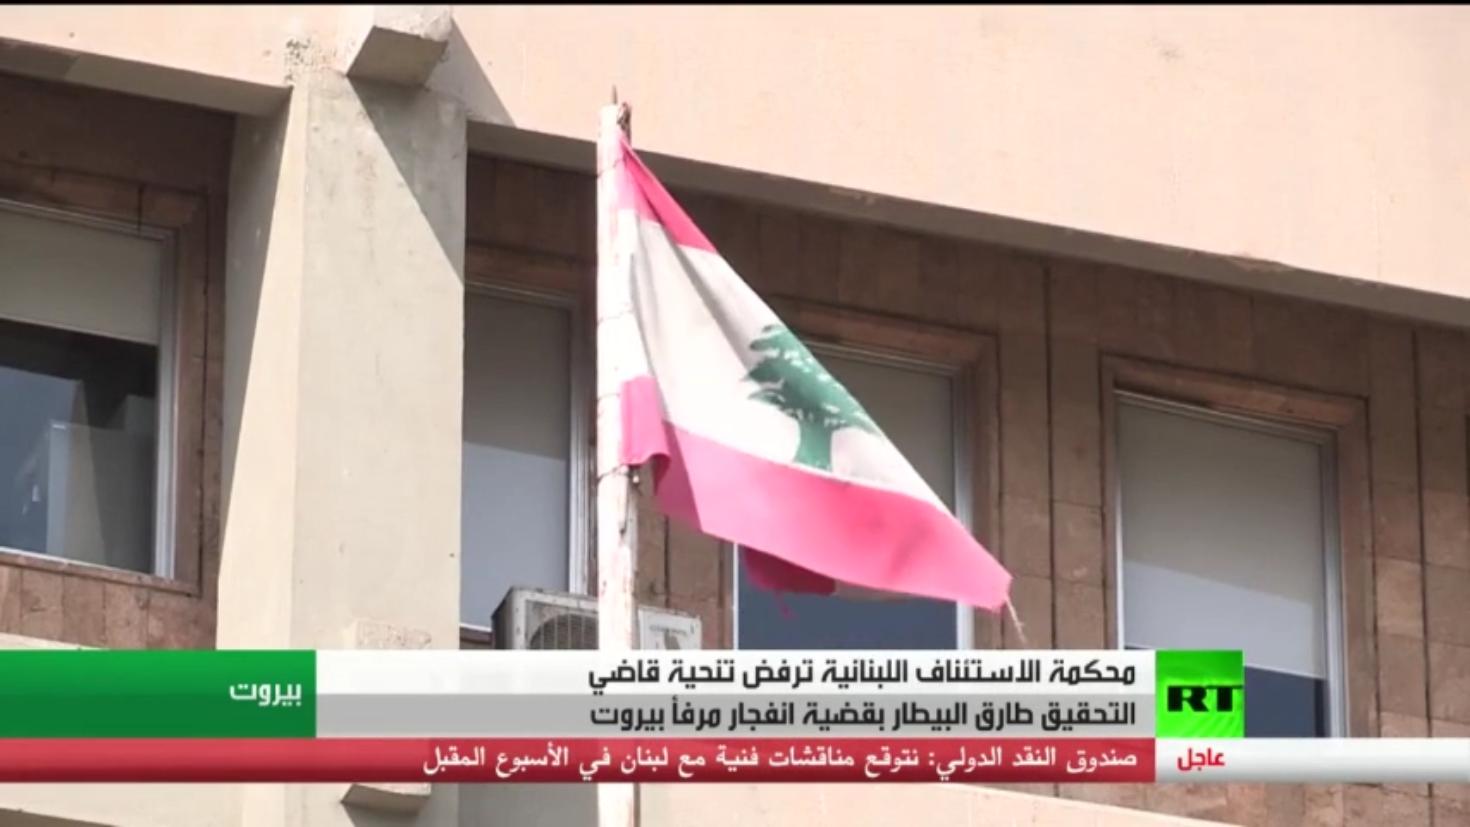 قضاء لبنان يرفض تنحية المحقق بانفجار المرفأ